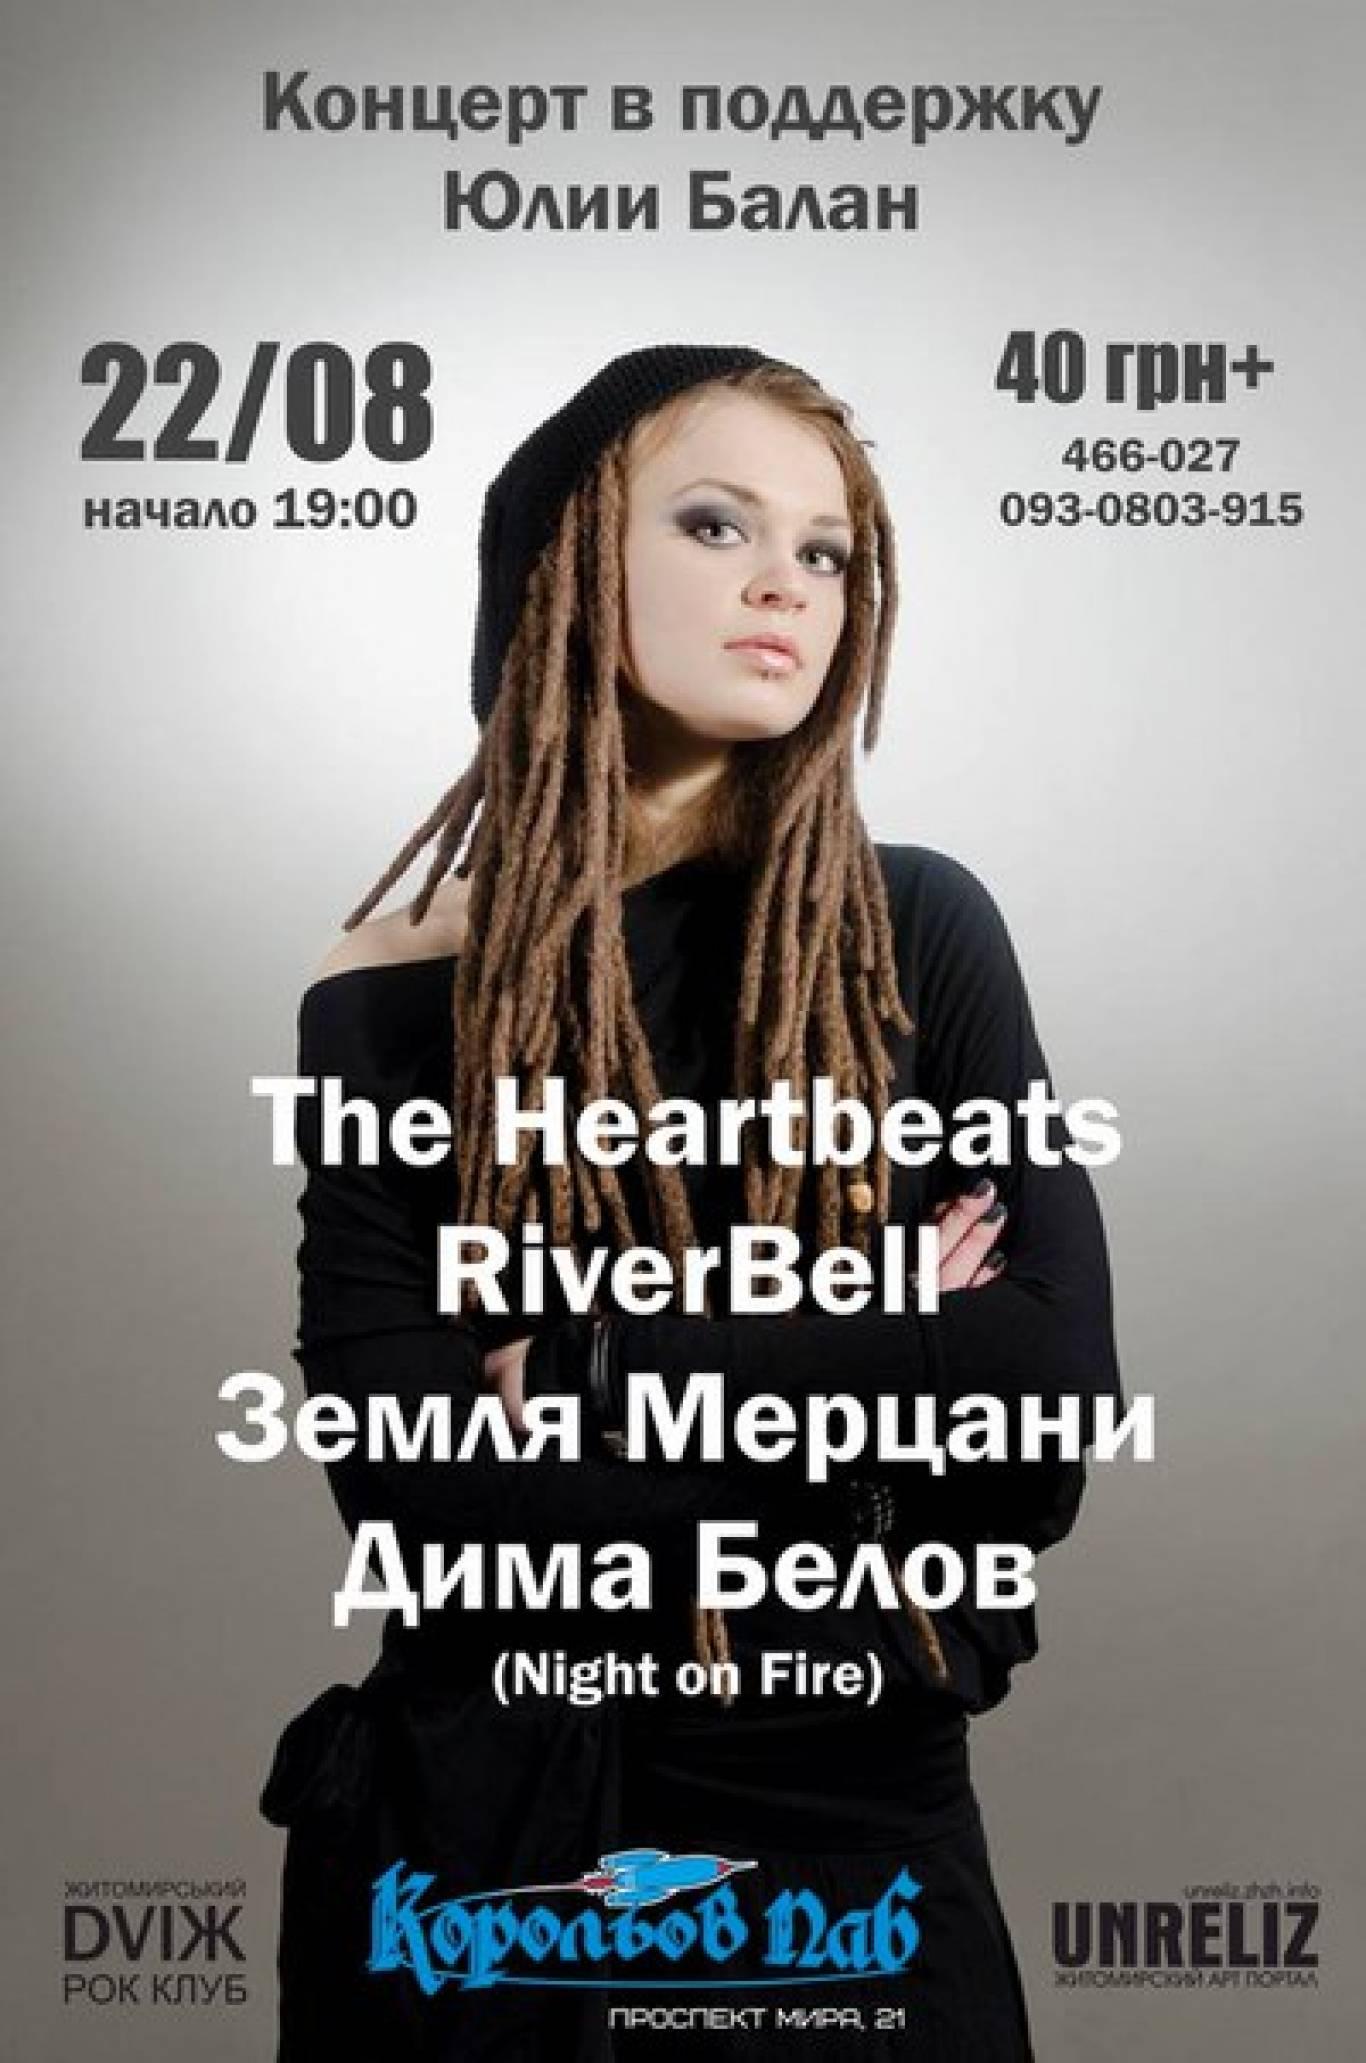 Концерт на підтримку Юлії Балан